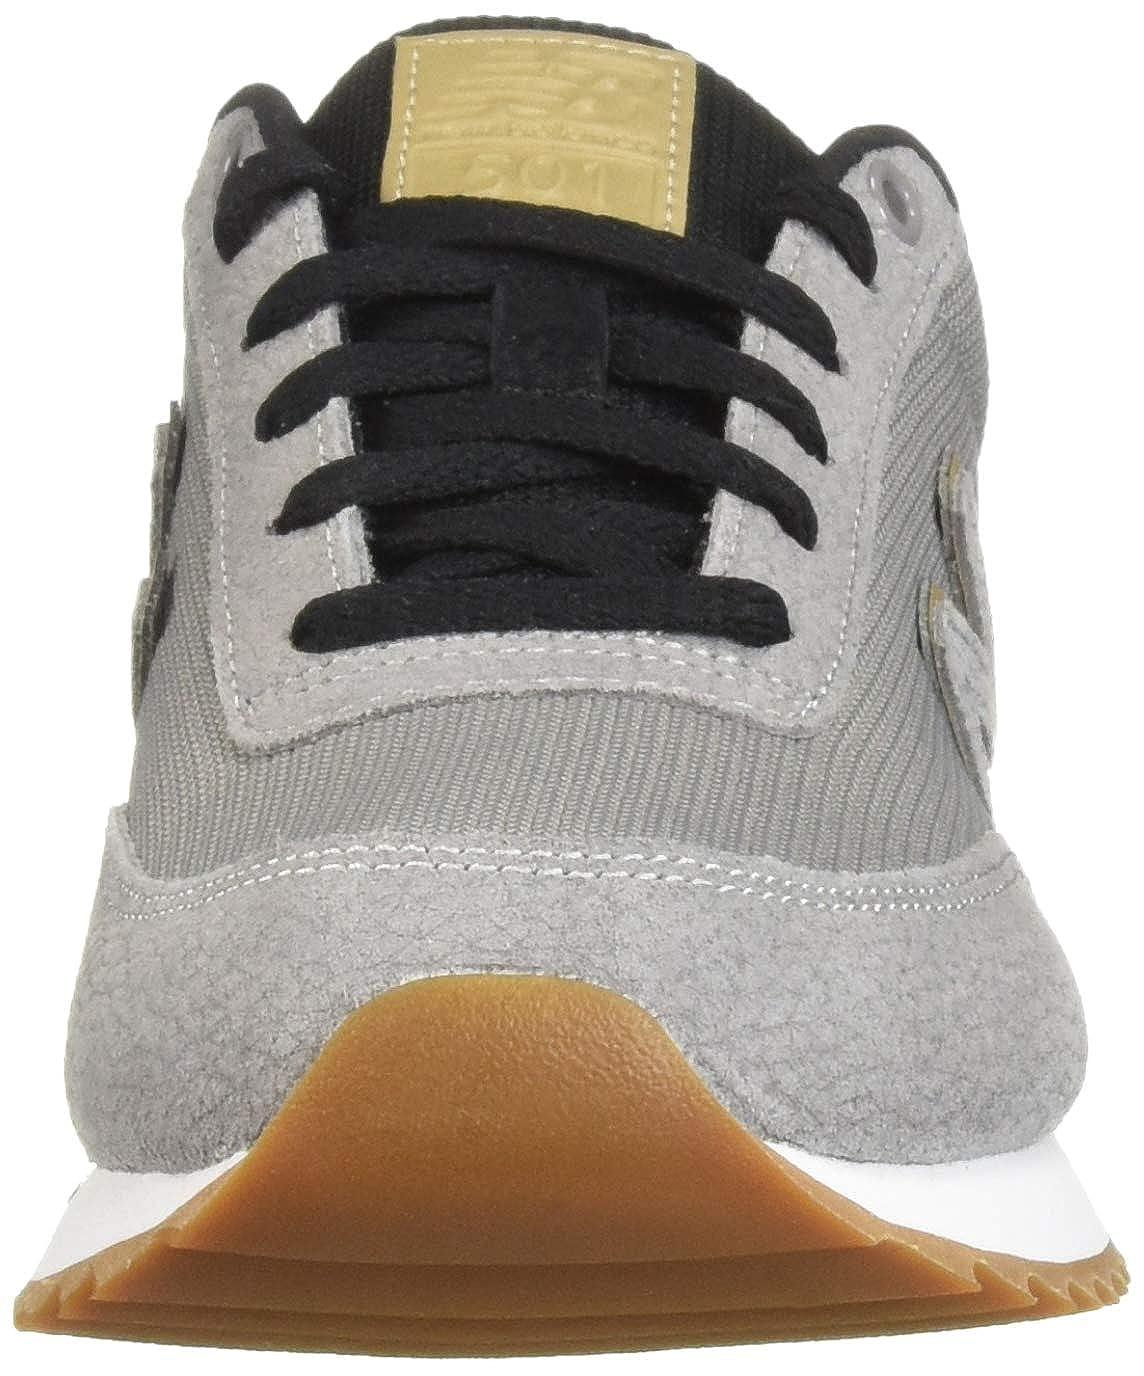 New Balance Damen Wl501v1 Sneaker Marblehead/Hemp